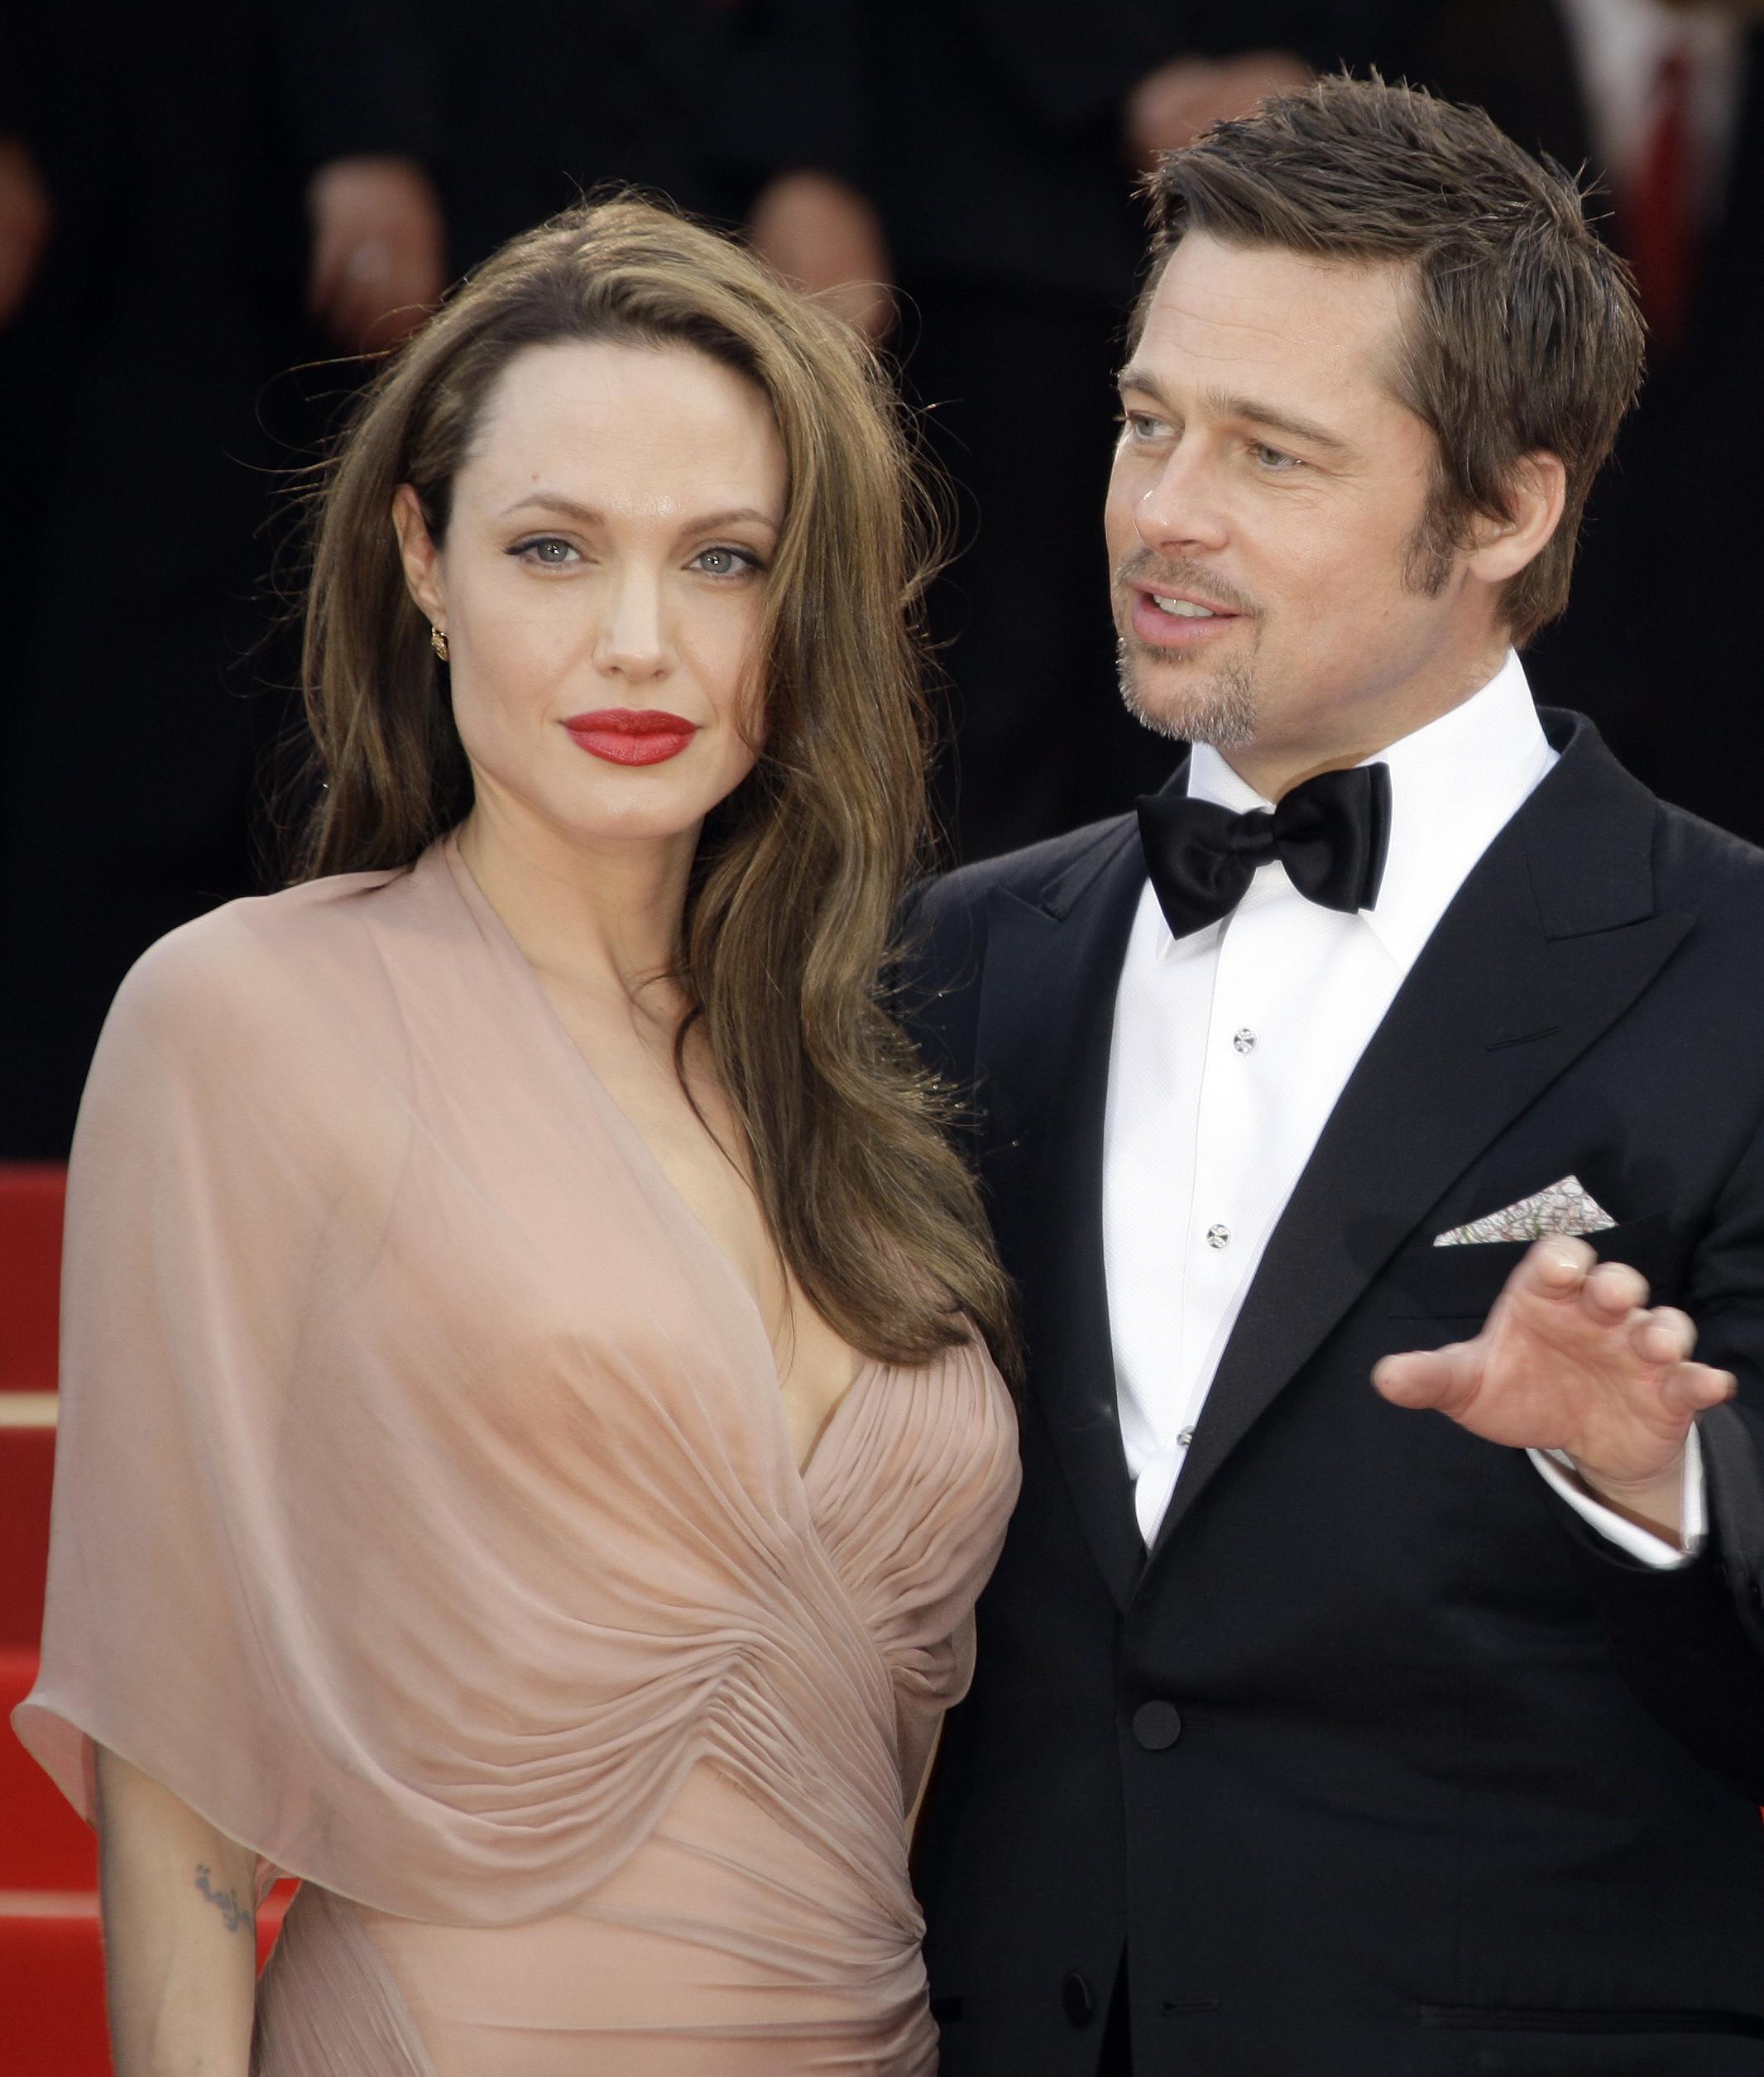 Джоли и брэда питт мистер и миссис